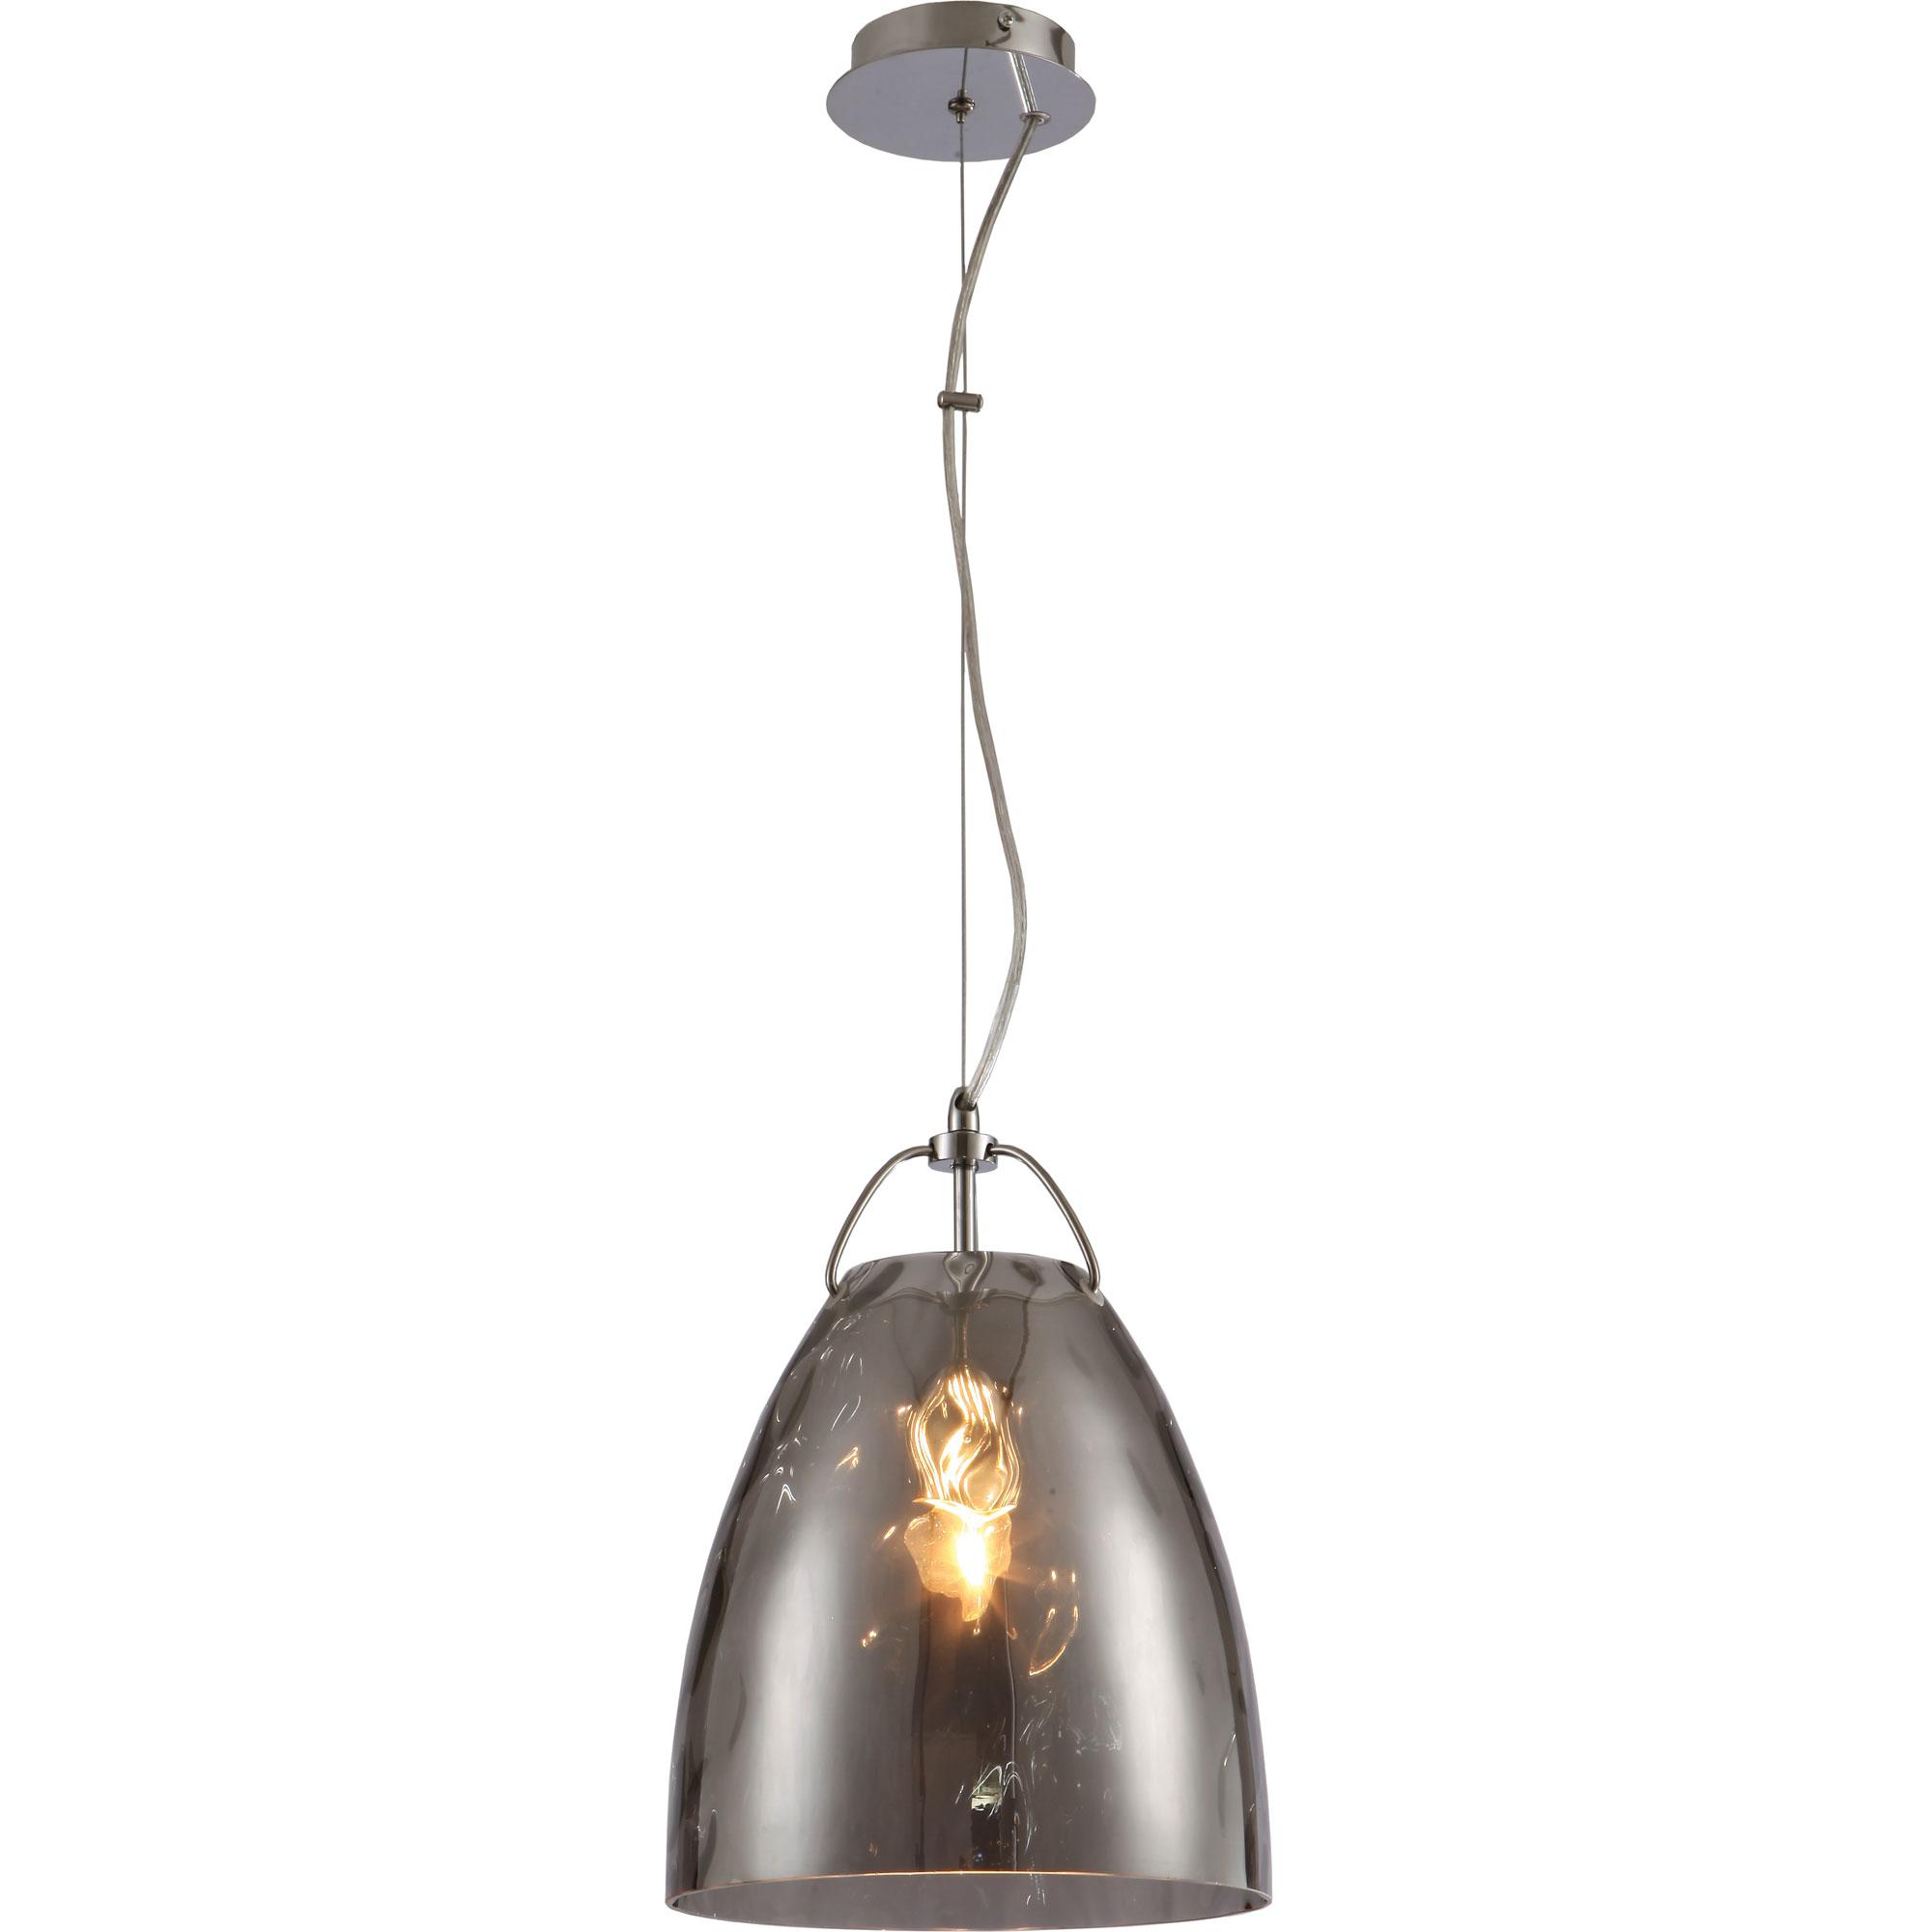 Светильник подвесной LoftСветильники подвесные<br>Количество ламп: 1, Мощность: 60, Назначение светильника: подвесной, Стиль светильника: стимпанк, Материал светильника: металл, стекло, Высота: 1200, Длина (мм): 360, Ширина: 250, Тип лампы: накаливания, Патрон: Е27, Цвет арматуры: хром<br>